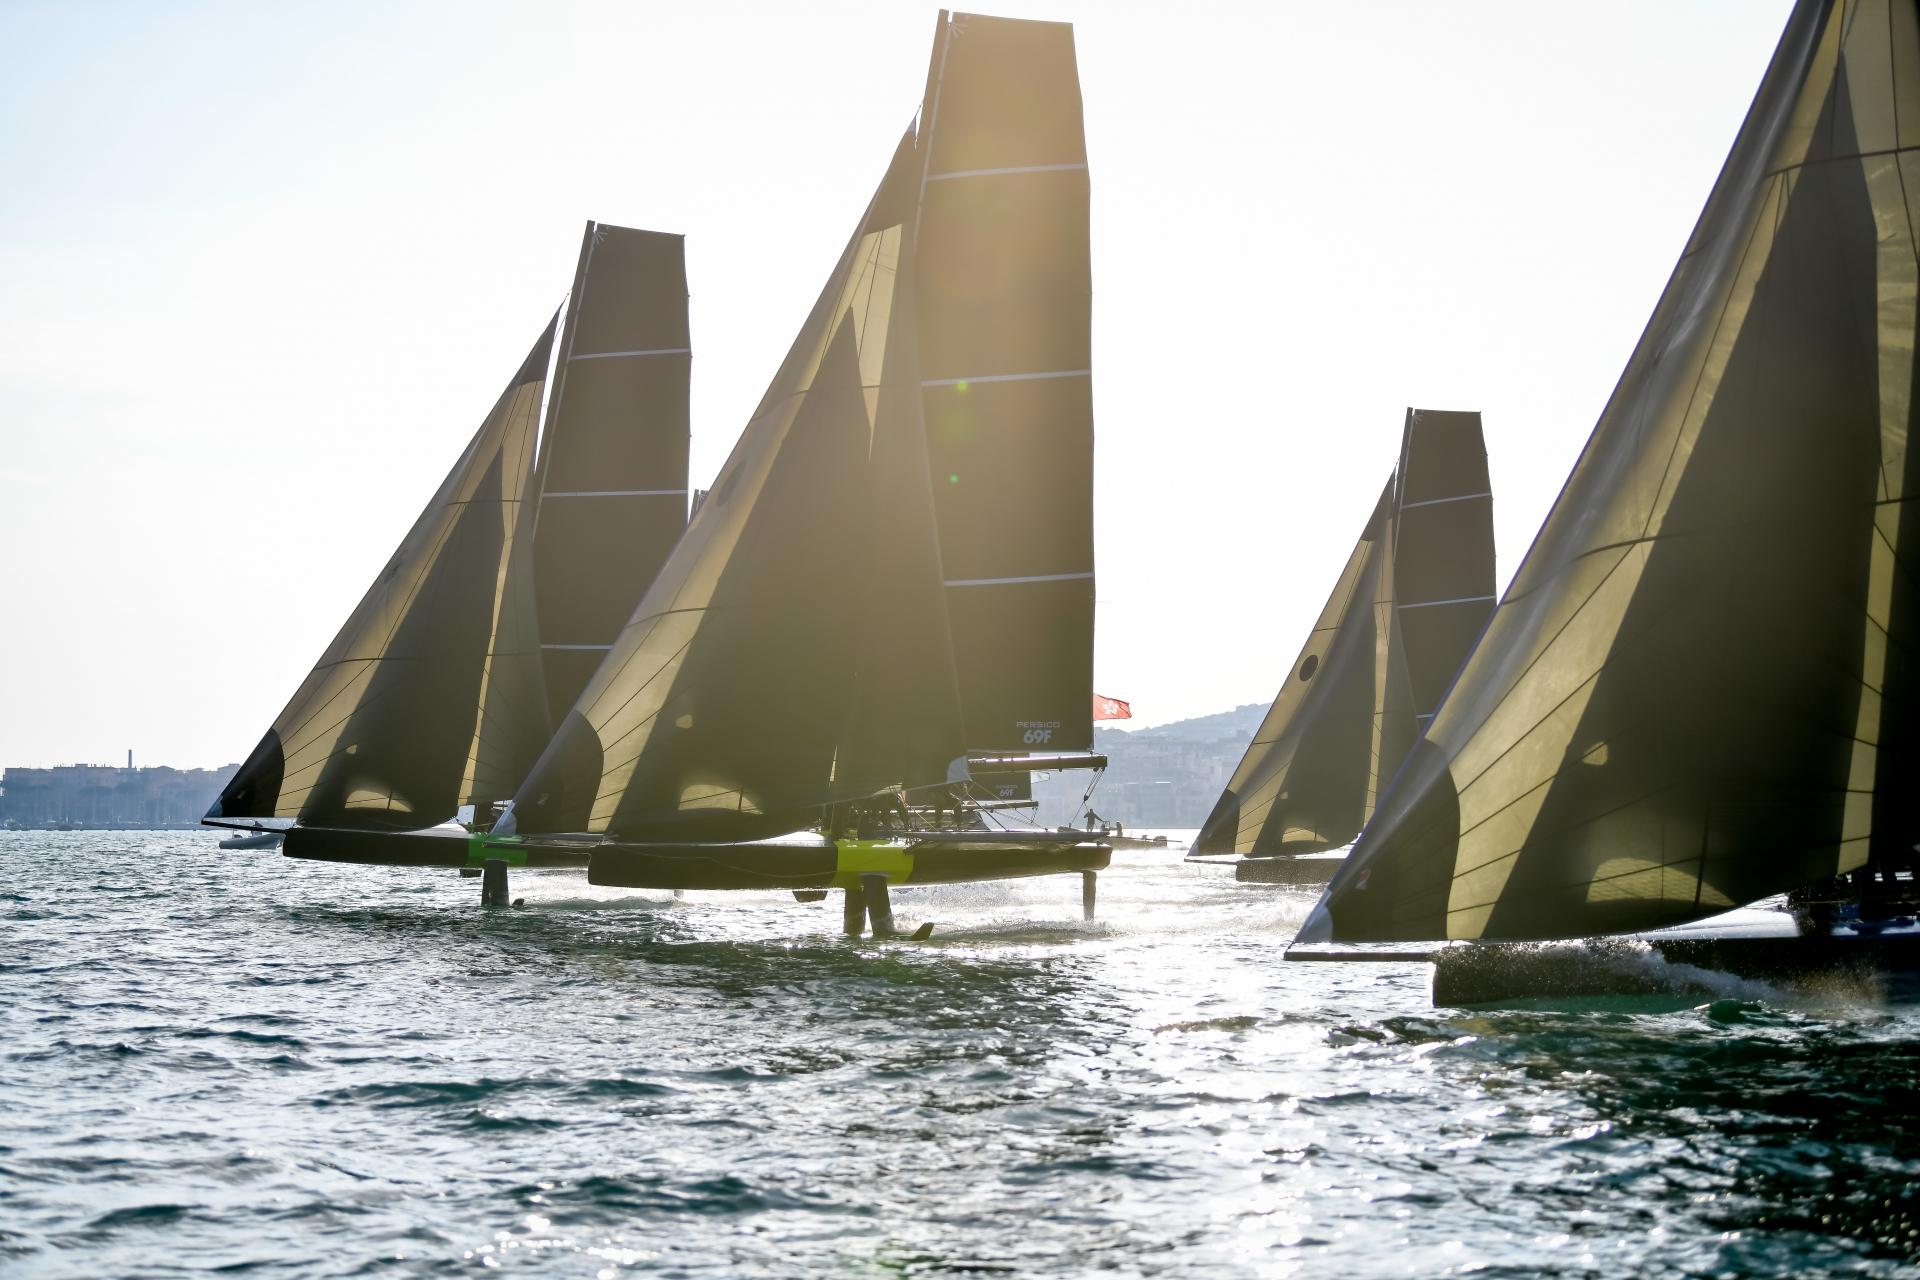 Al via domani il Grand Prix 2.1 della Persico 69F Cup - NEWS - Yacht Club Costa Smeralda